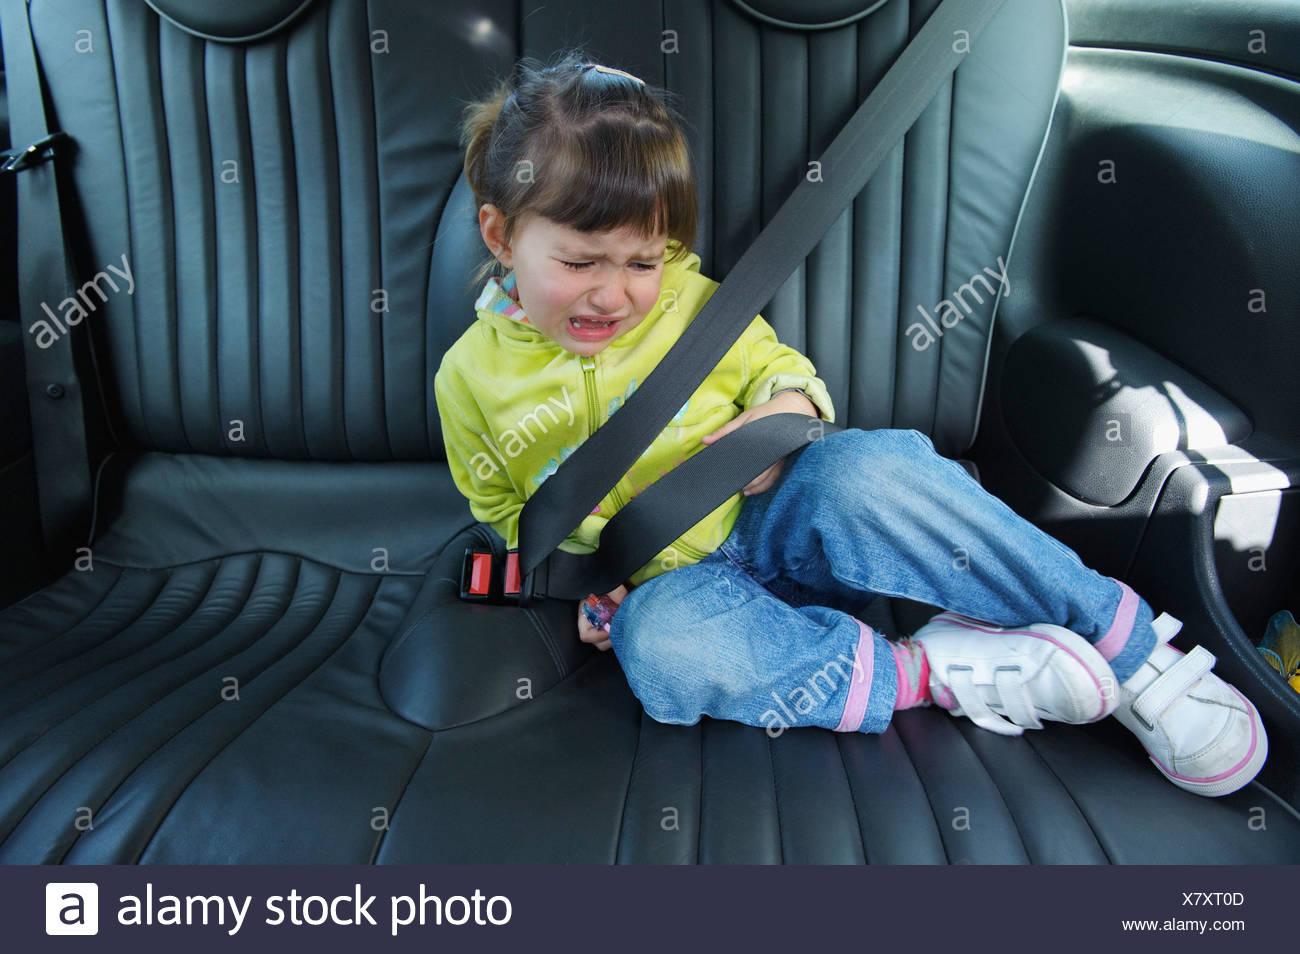 Cadiz, Spanien; Ein junges Mädchen schreit als sie sitzt In einem Fahrzeug angelegter Sicherheitsgurt Stockbild